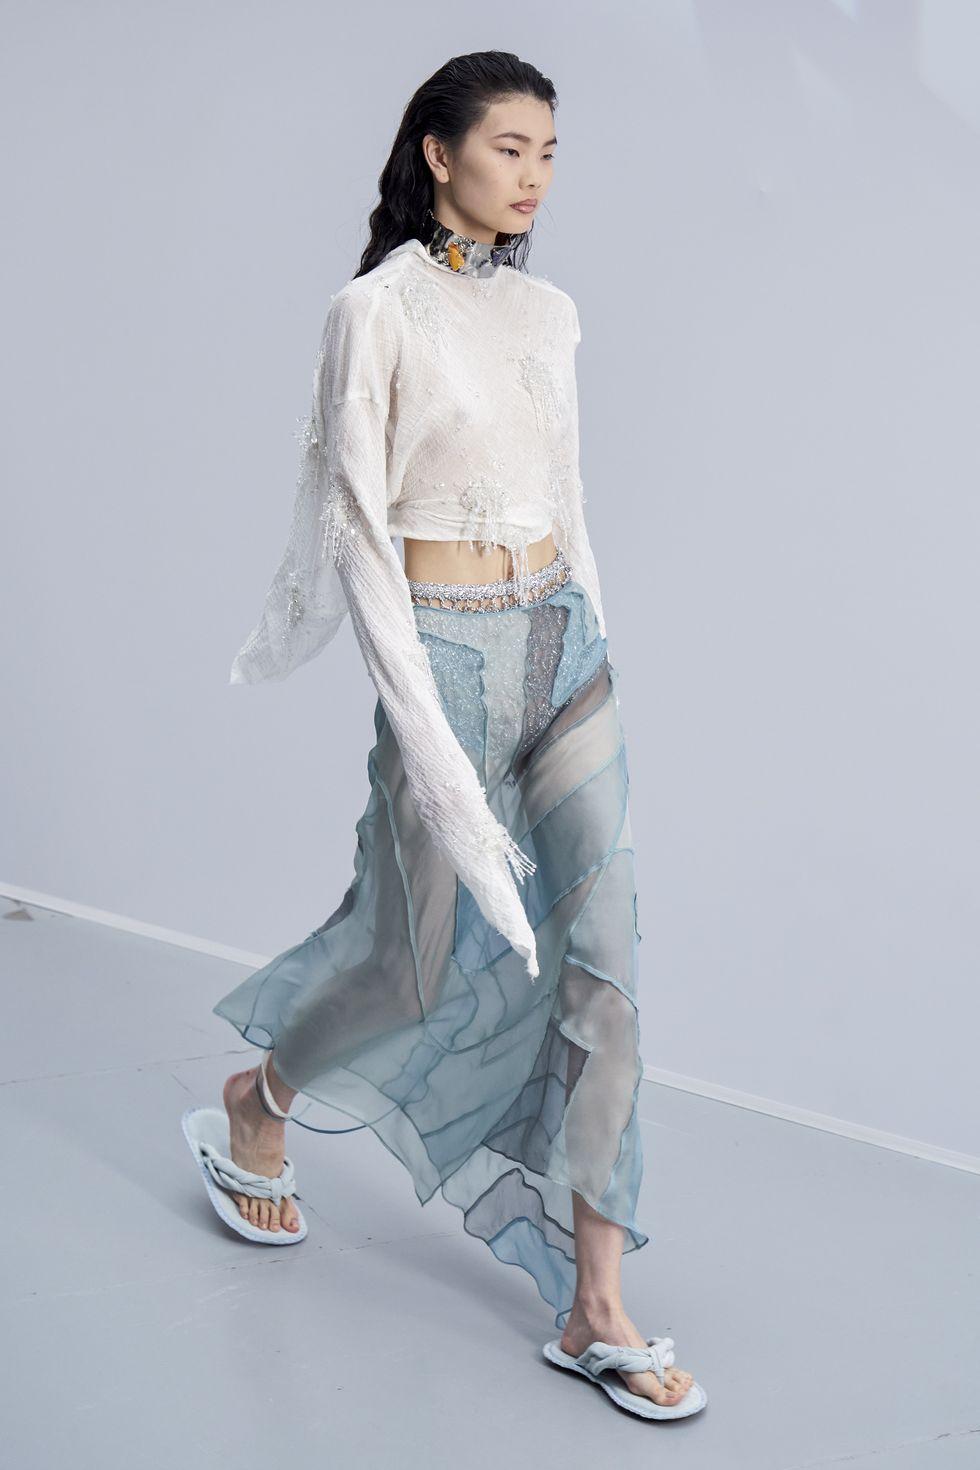 Модель в полупрозрачной юбке, белый укороченный топ и сандалии